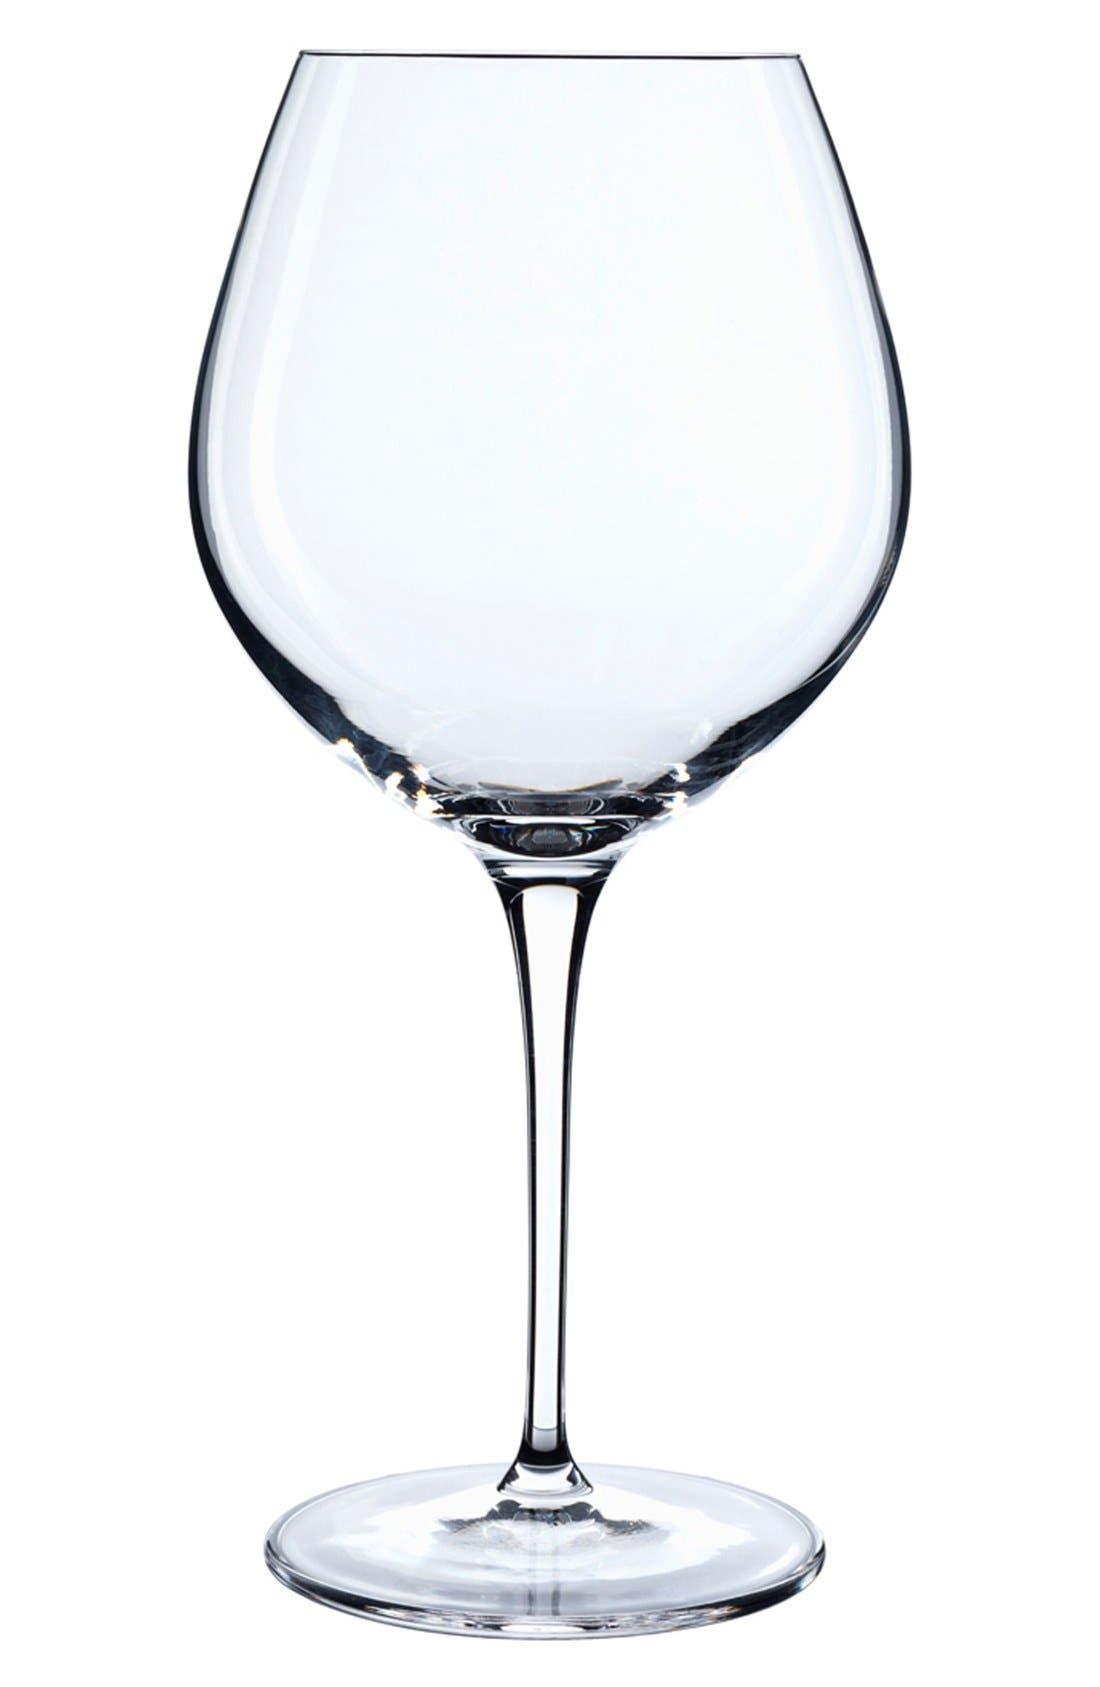 Alternate Image 1 Selected - Luigi Bormioli 'Crescendo' Bourgogne Glasses (Set of 4)